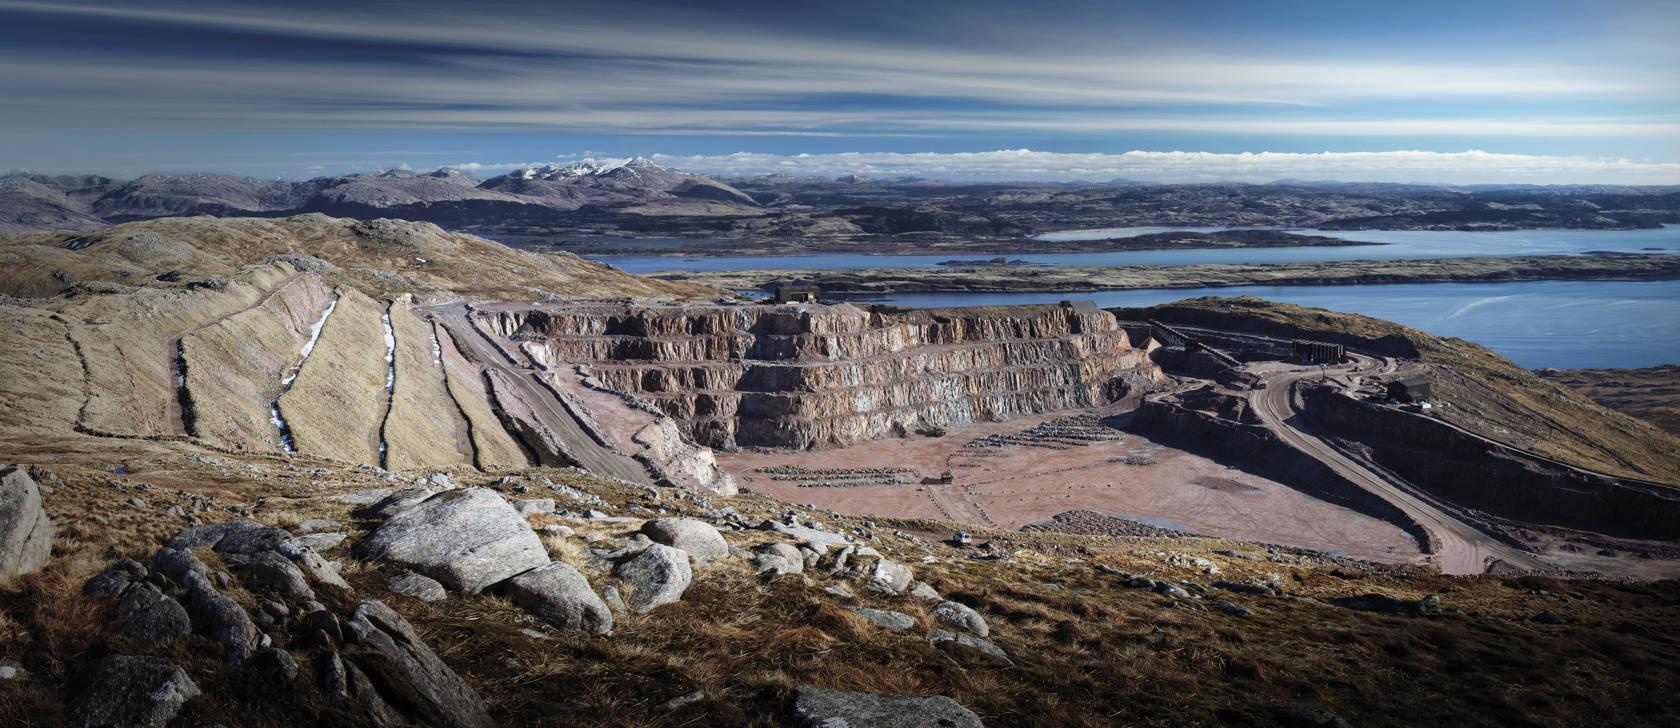 super quarry glensanda marks 30 years of shipping - tradelink